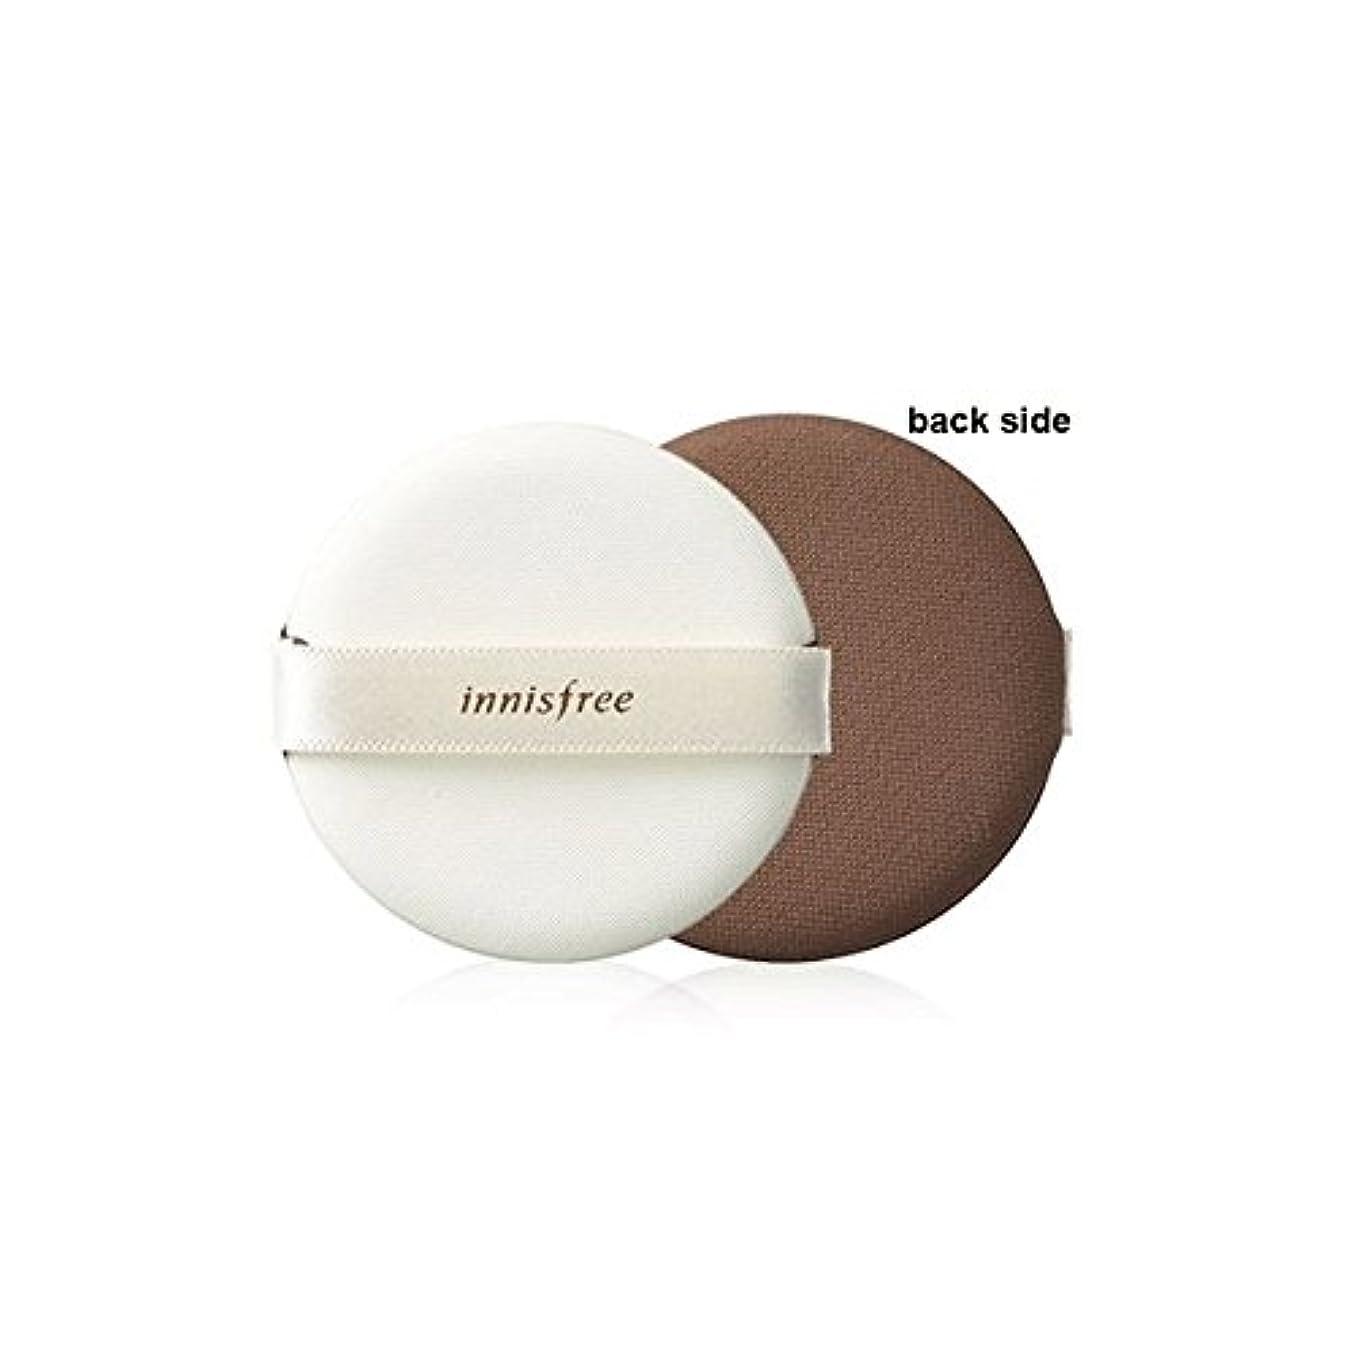 フェッチ補う個人的に[イニスプリー] Innisfree エアマジックパフ-密着 [Innisfree] Eco Beauty Tool Air Magic Puff-Fitting [海外直送品]